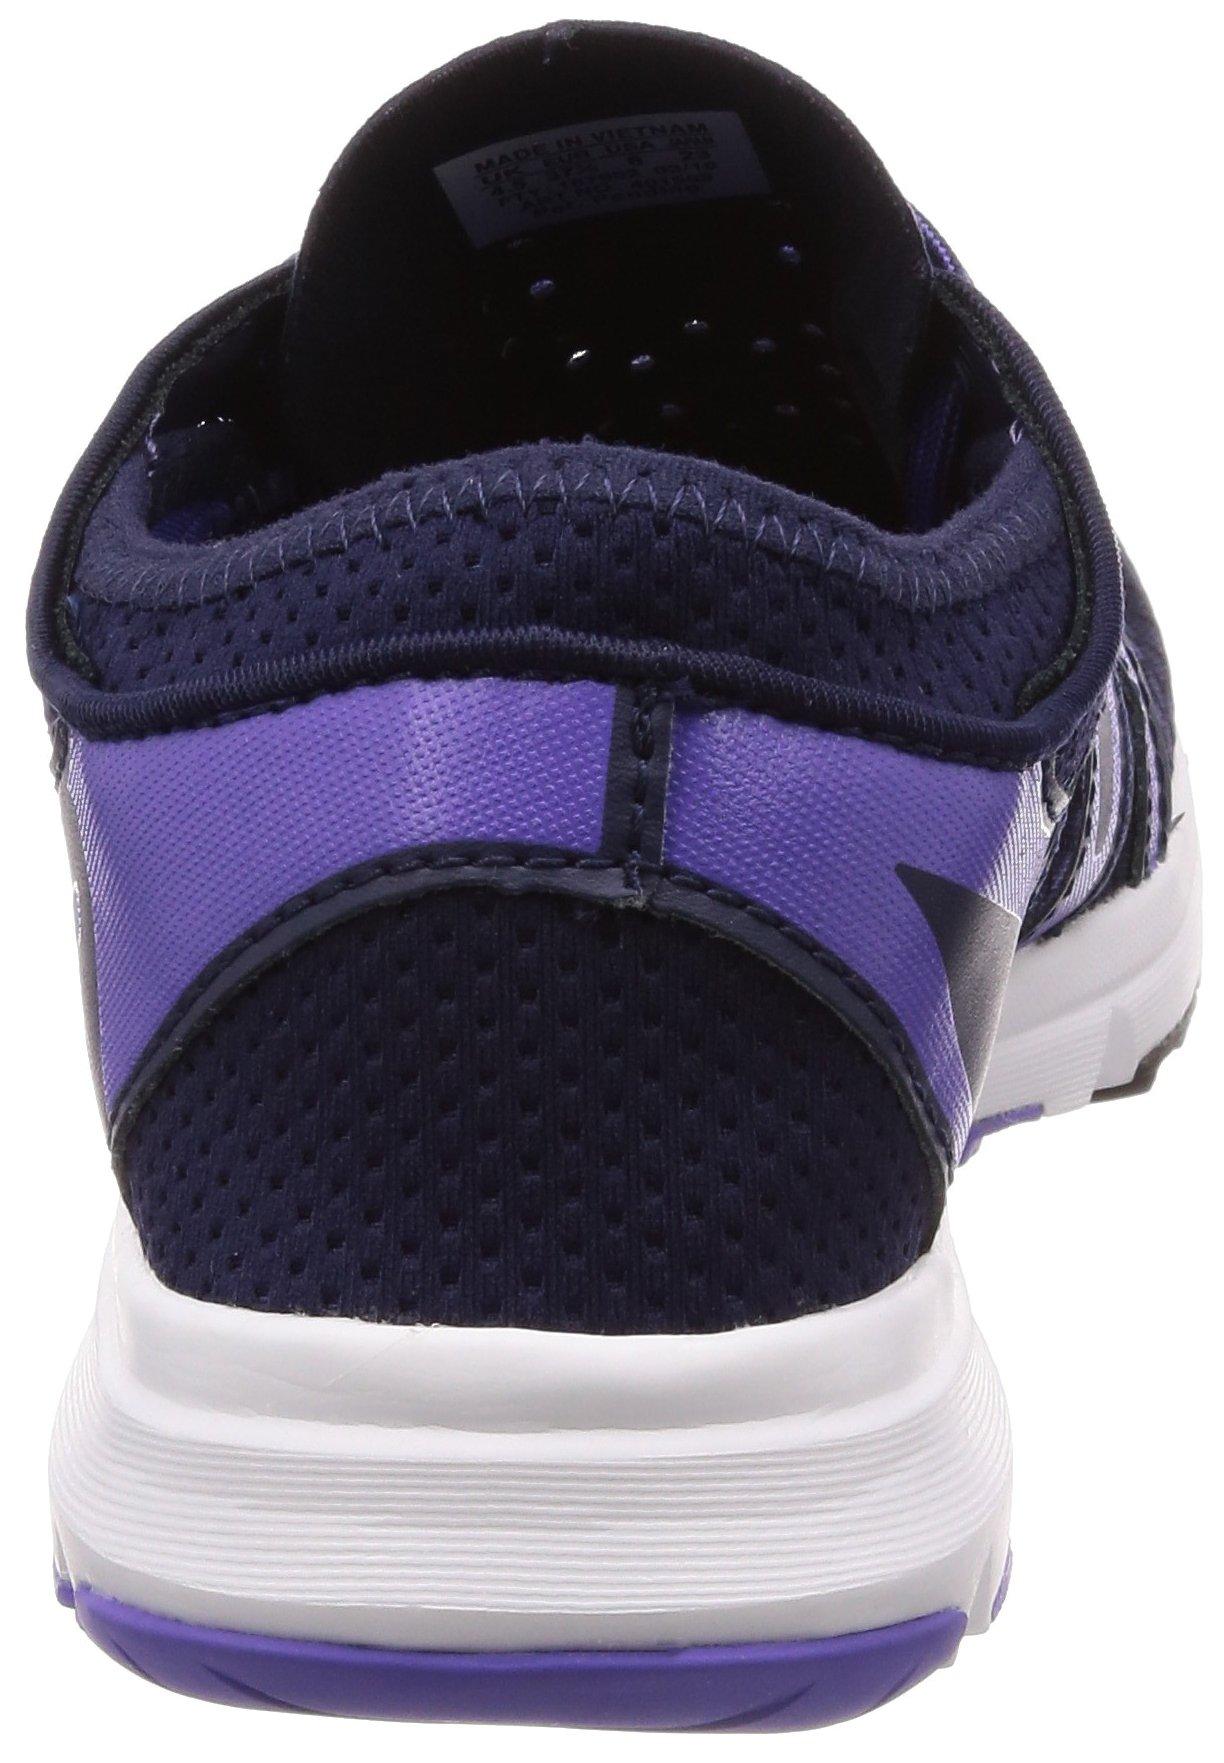 71GoXAWO2YL - SALOMON Women's Crossamphibian Swift W Low Rise Hiking Boots